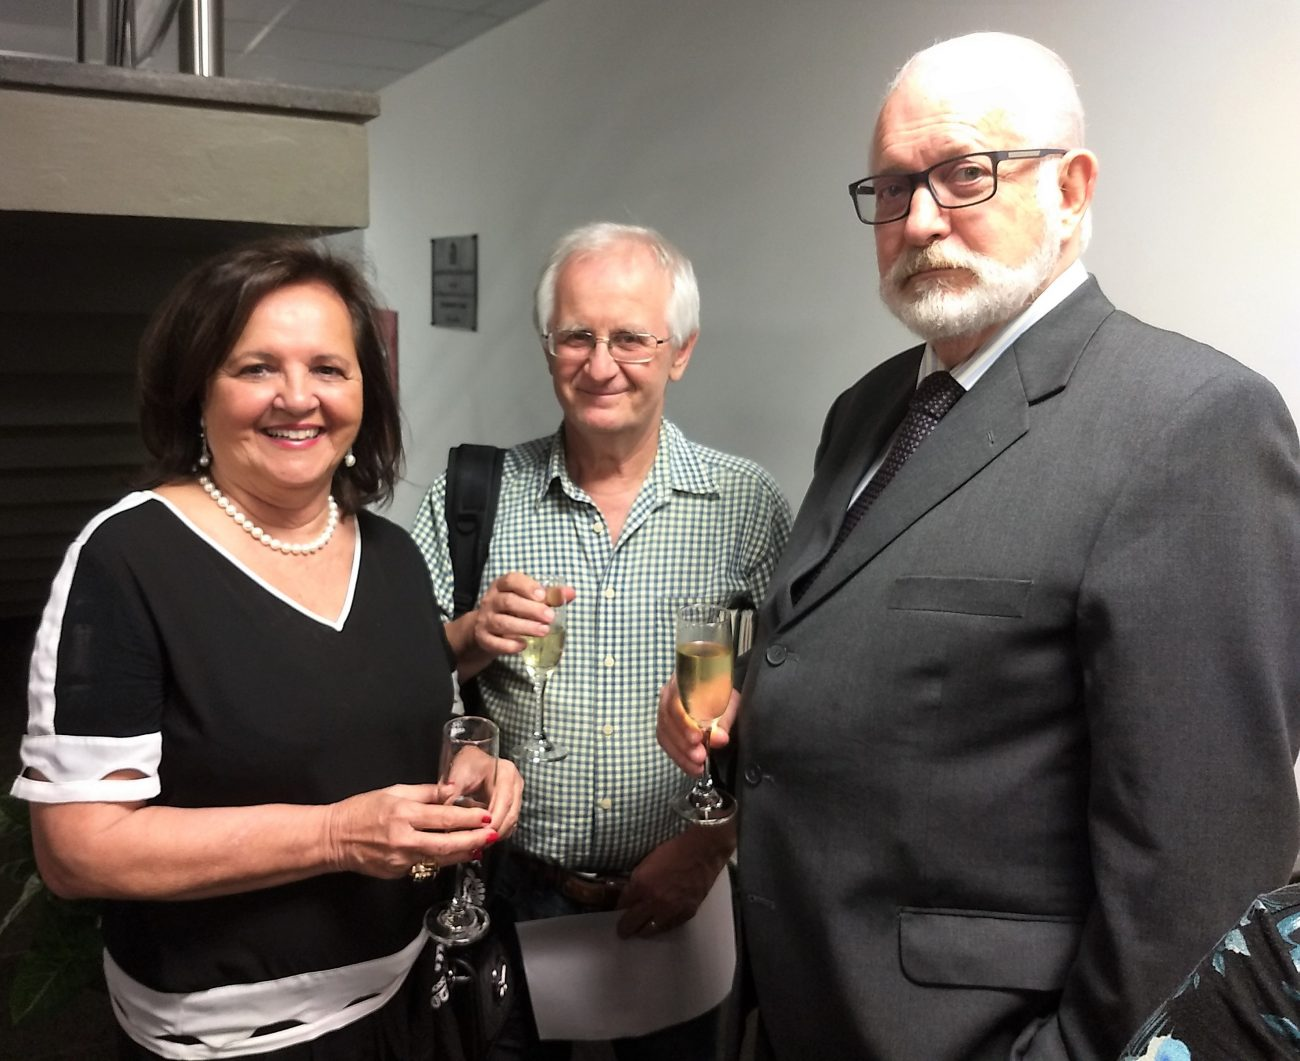 Jornalista e escritor Paulo Clóvis Schmitz entre os acadêmicos Lélia Pereira Nunes e Salomão Ribas Júnior - Marcos Cardoso/ND